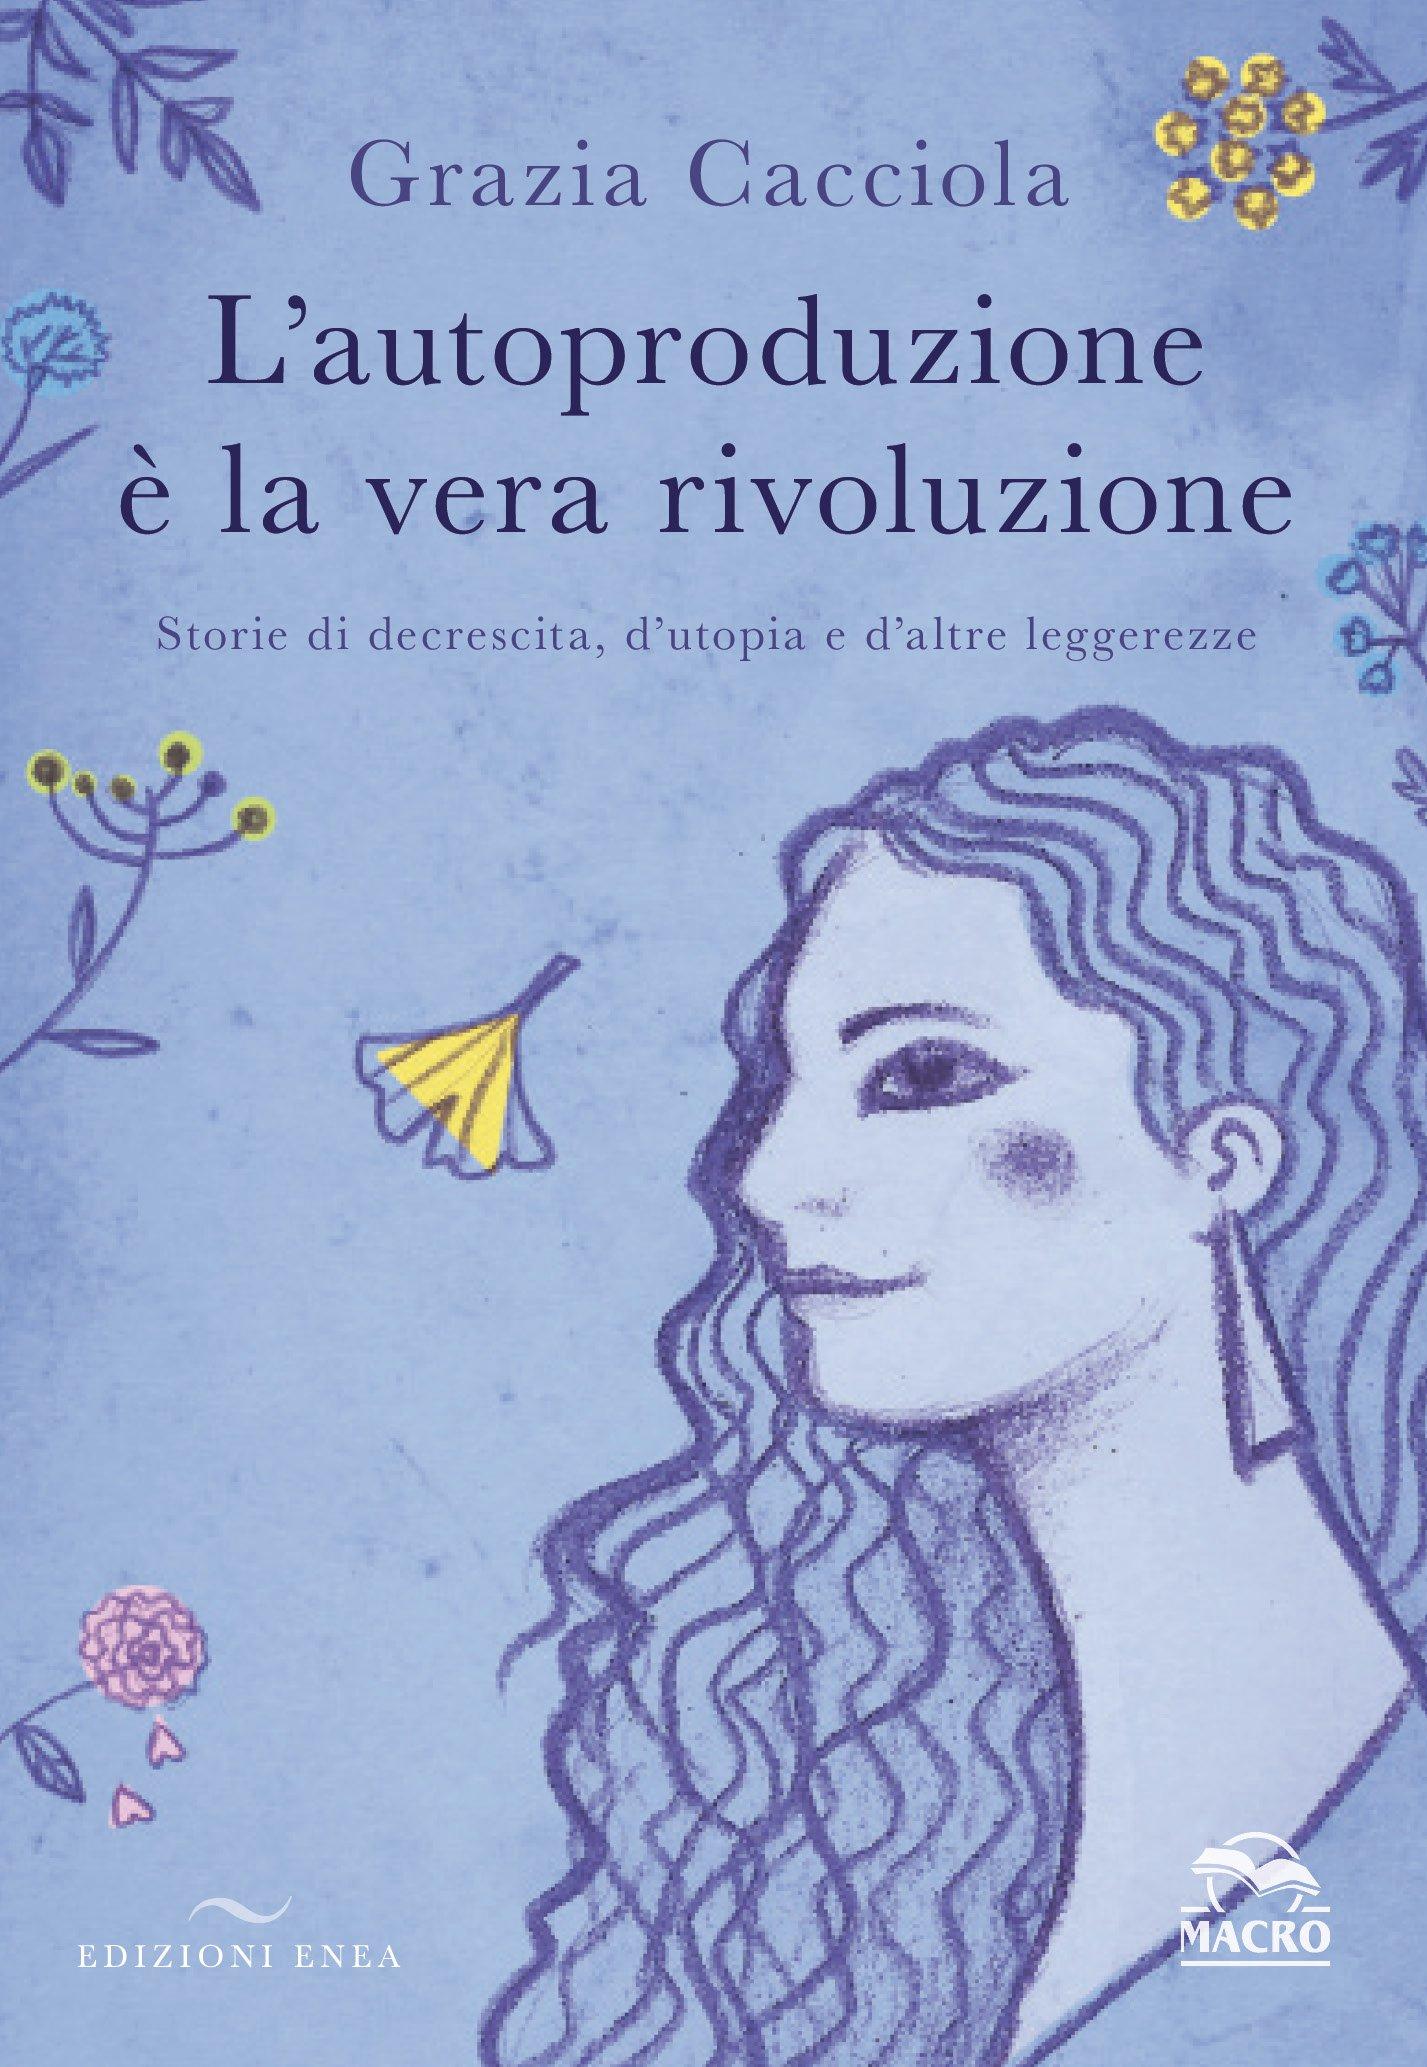 Grazia Cacciola - Libro - L'autoproduzione è la vera rivoluzione - Enea Editore - Macro Edizioni